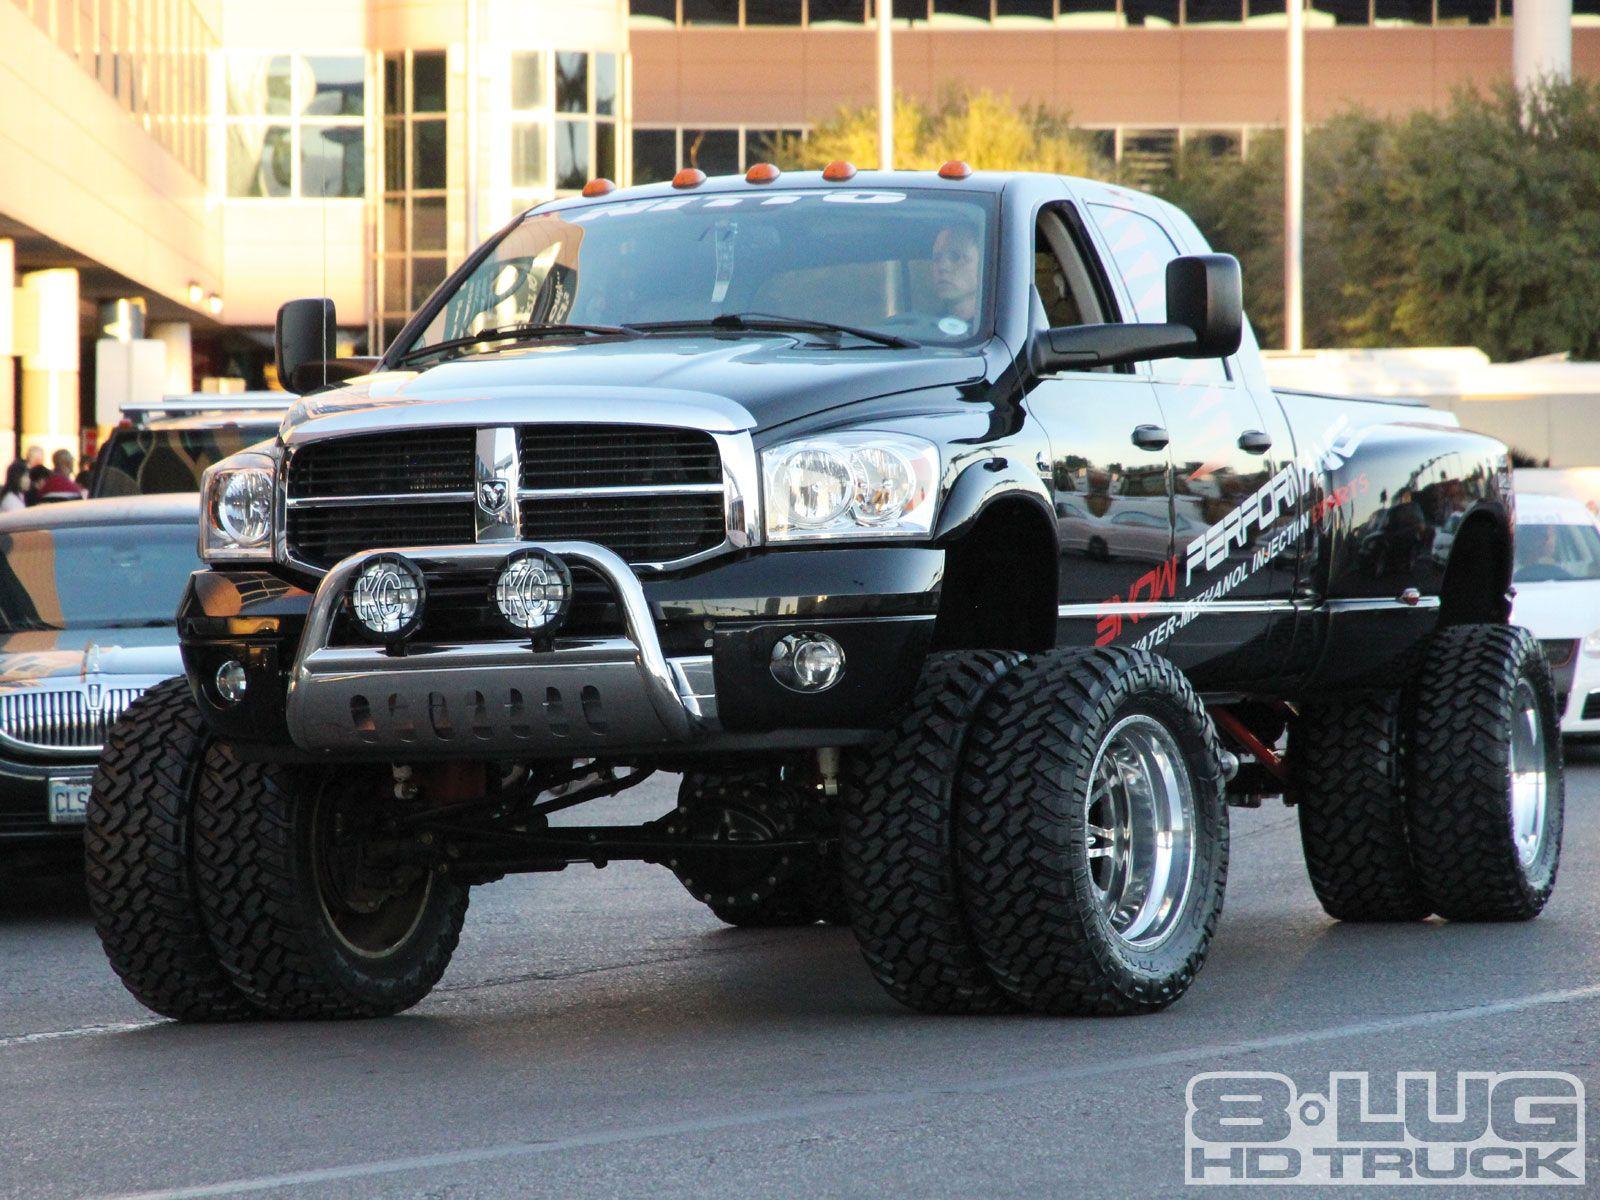 2012 dodge ram heavy duty edition heavy duty pickup truck from america extra wide load by jolene